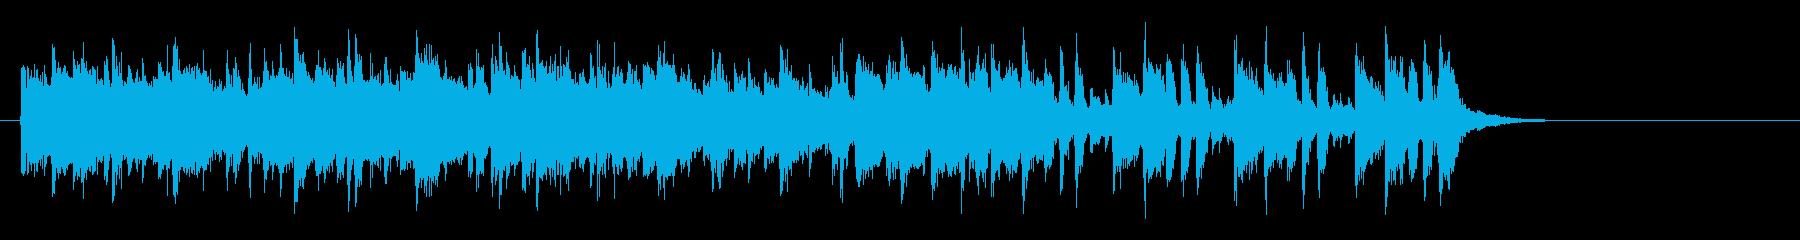 軽快なポップフュージョン(サビ~エンド)の再生済みの波形